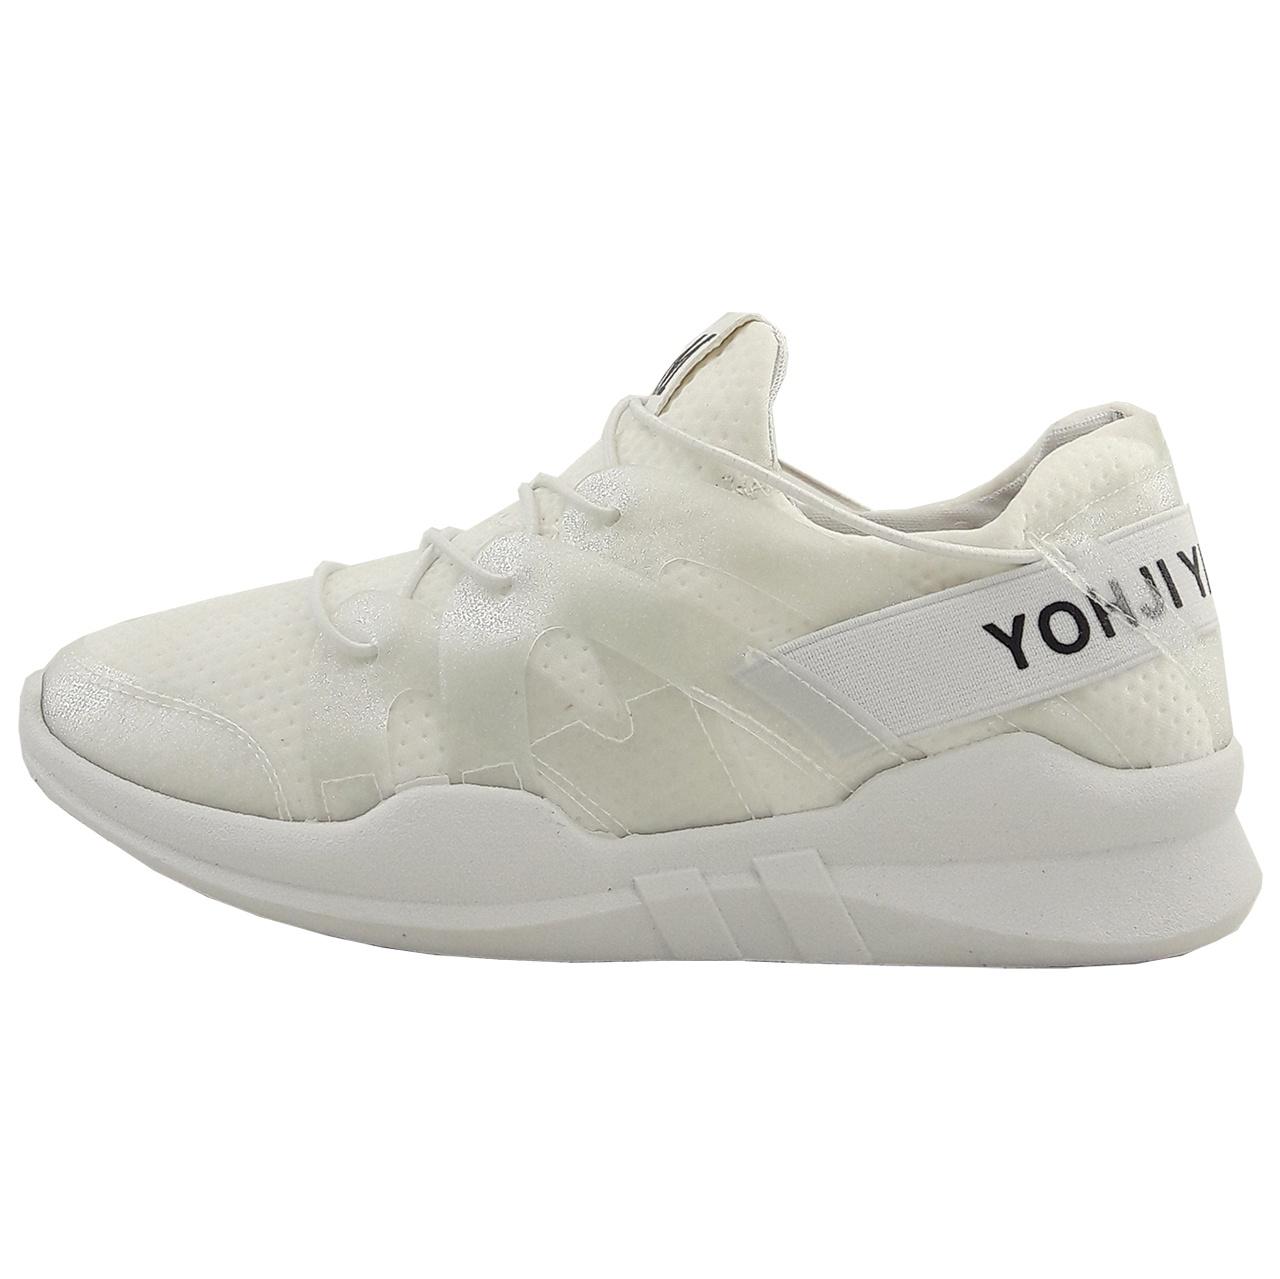 کفش راحتی زنانه یوجی یاماموتو مدل wh 01